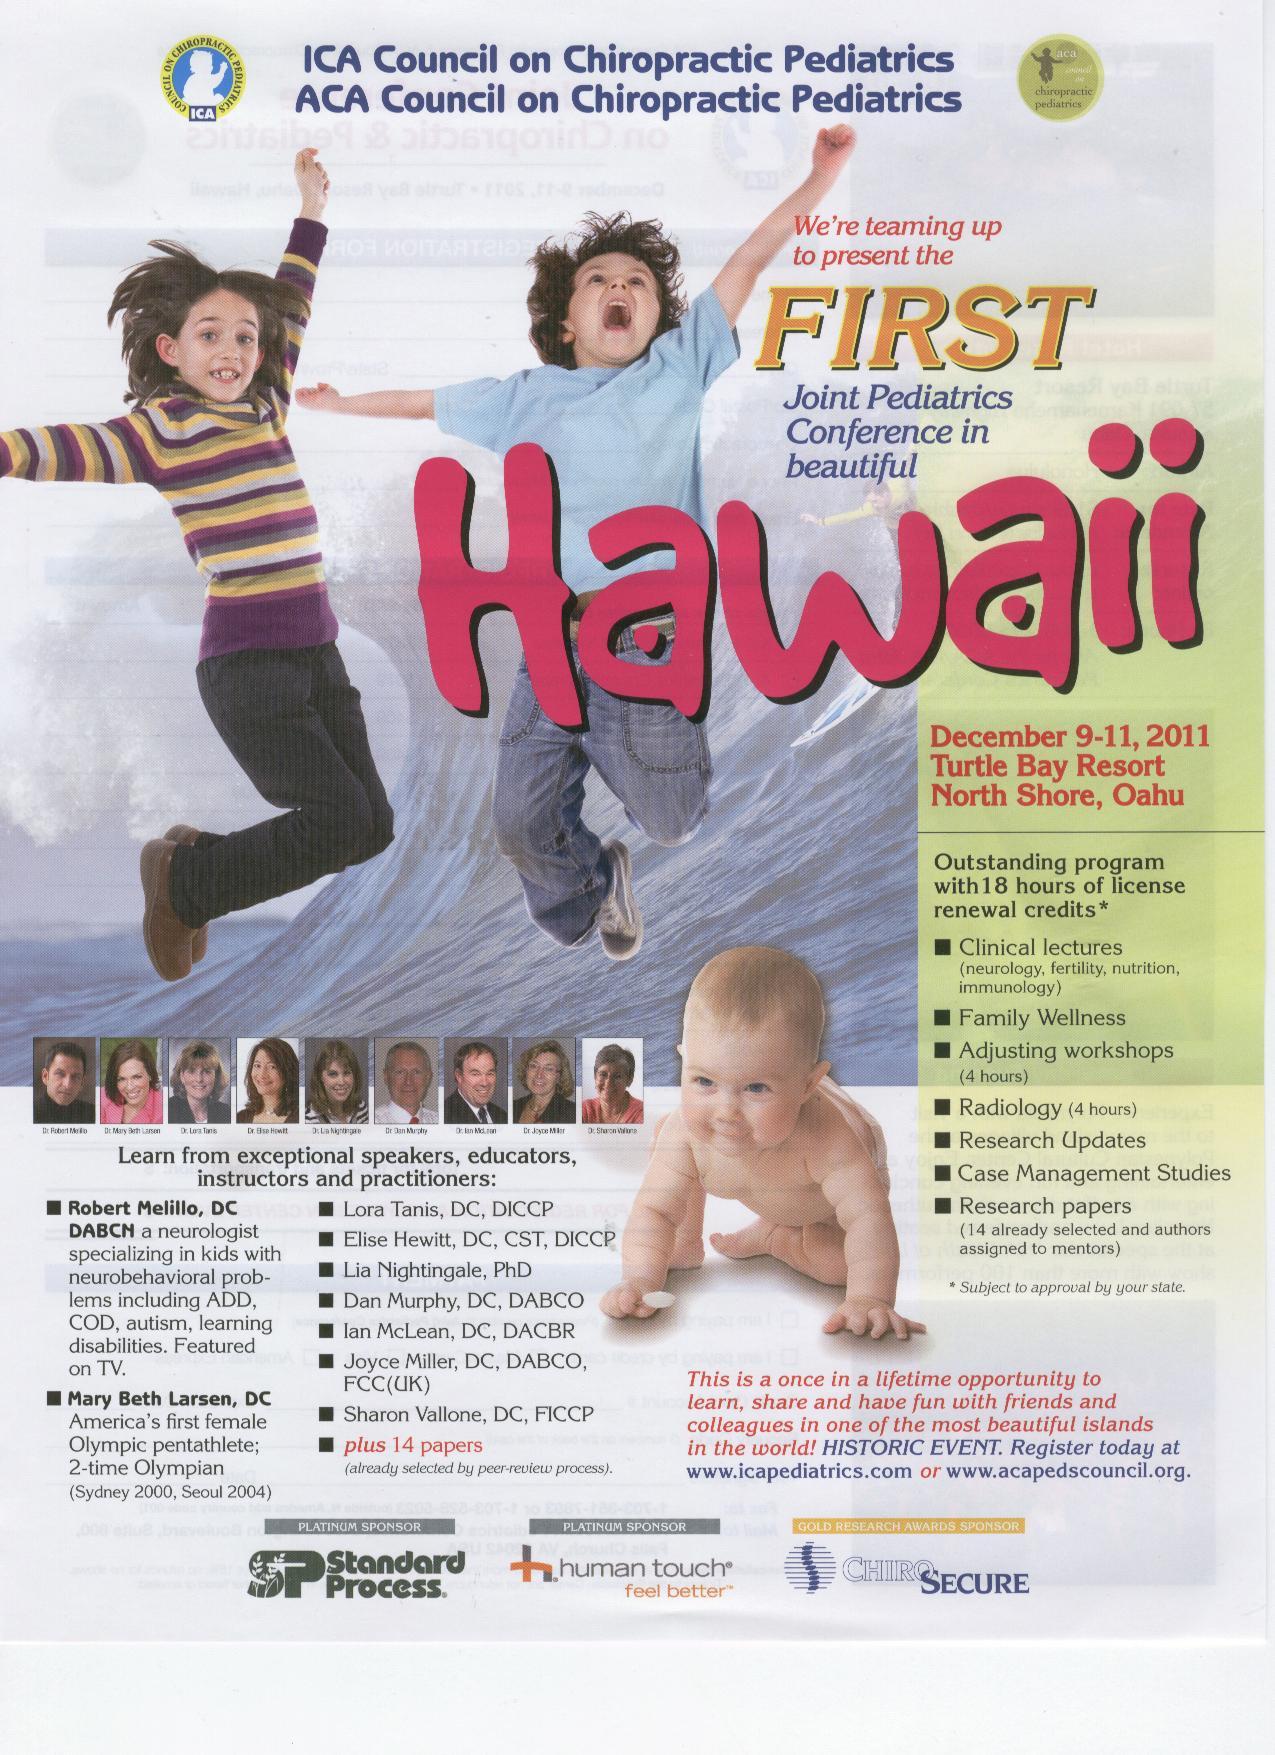 hawaiiconferenceflyer